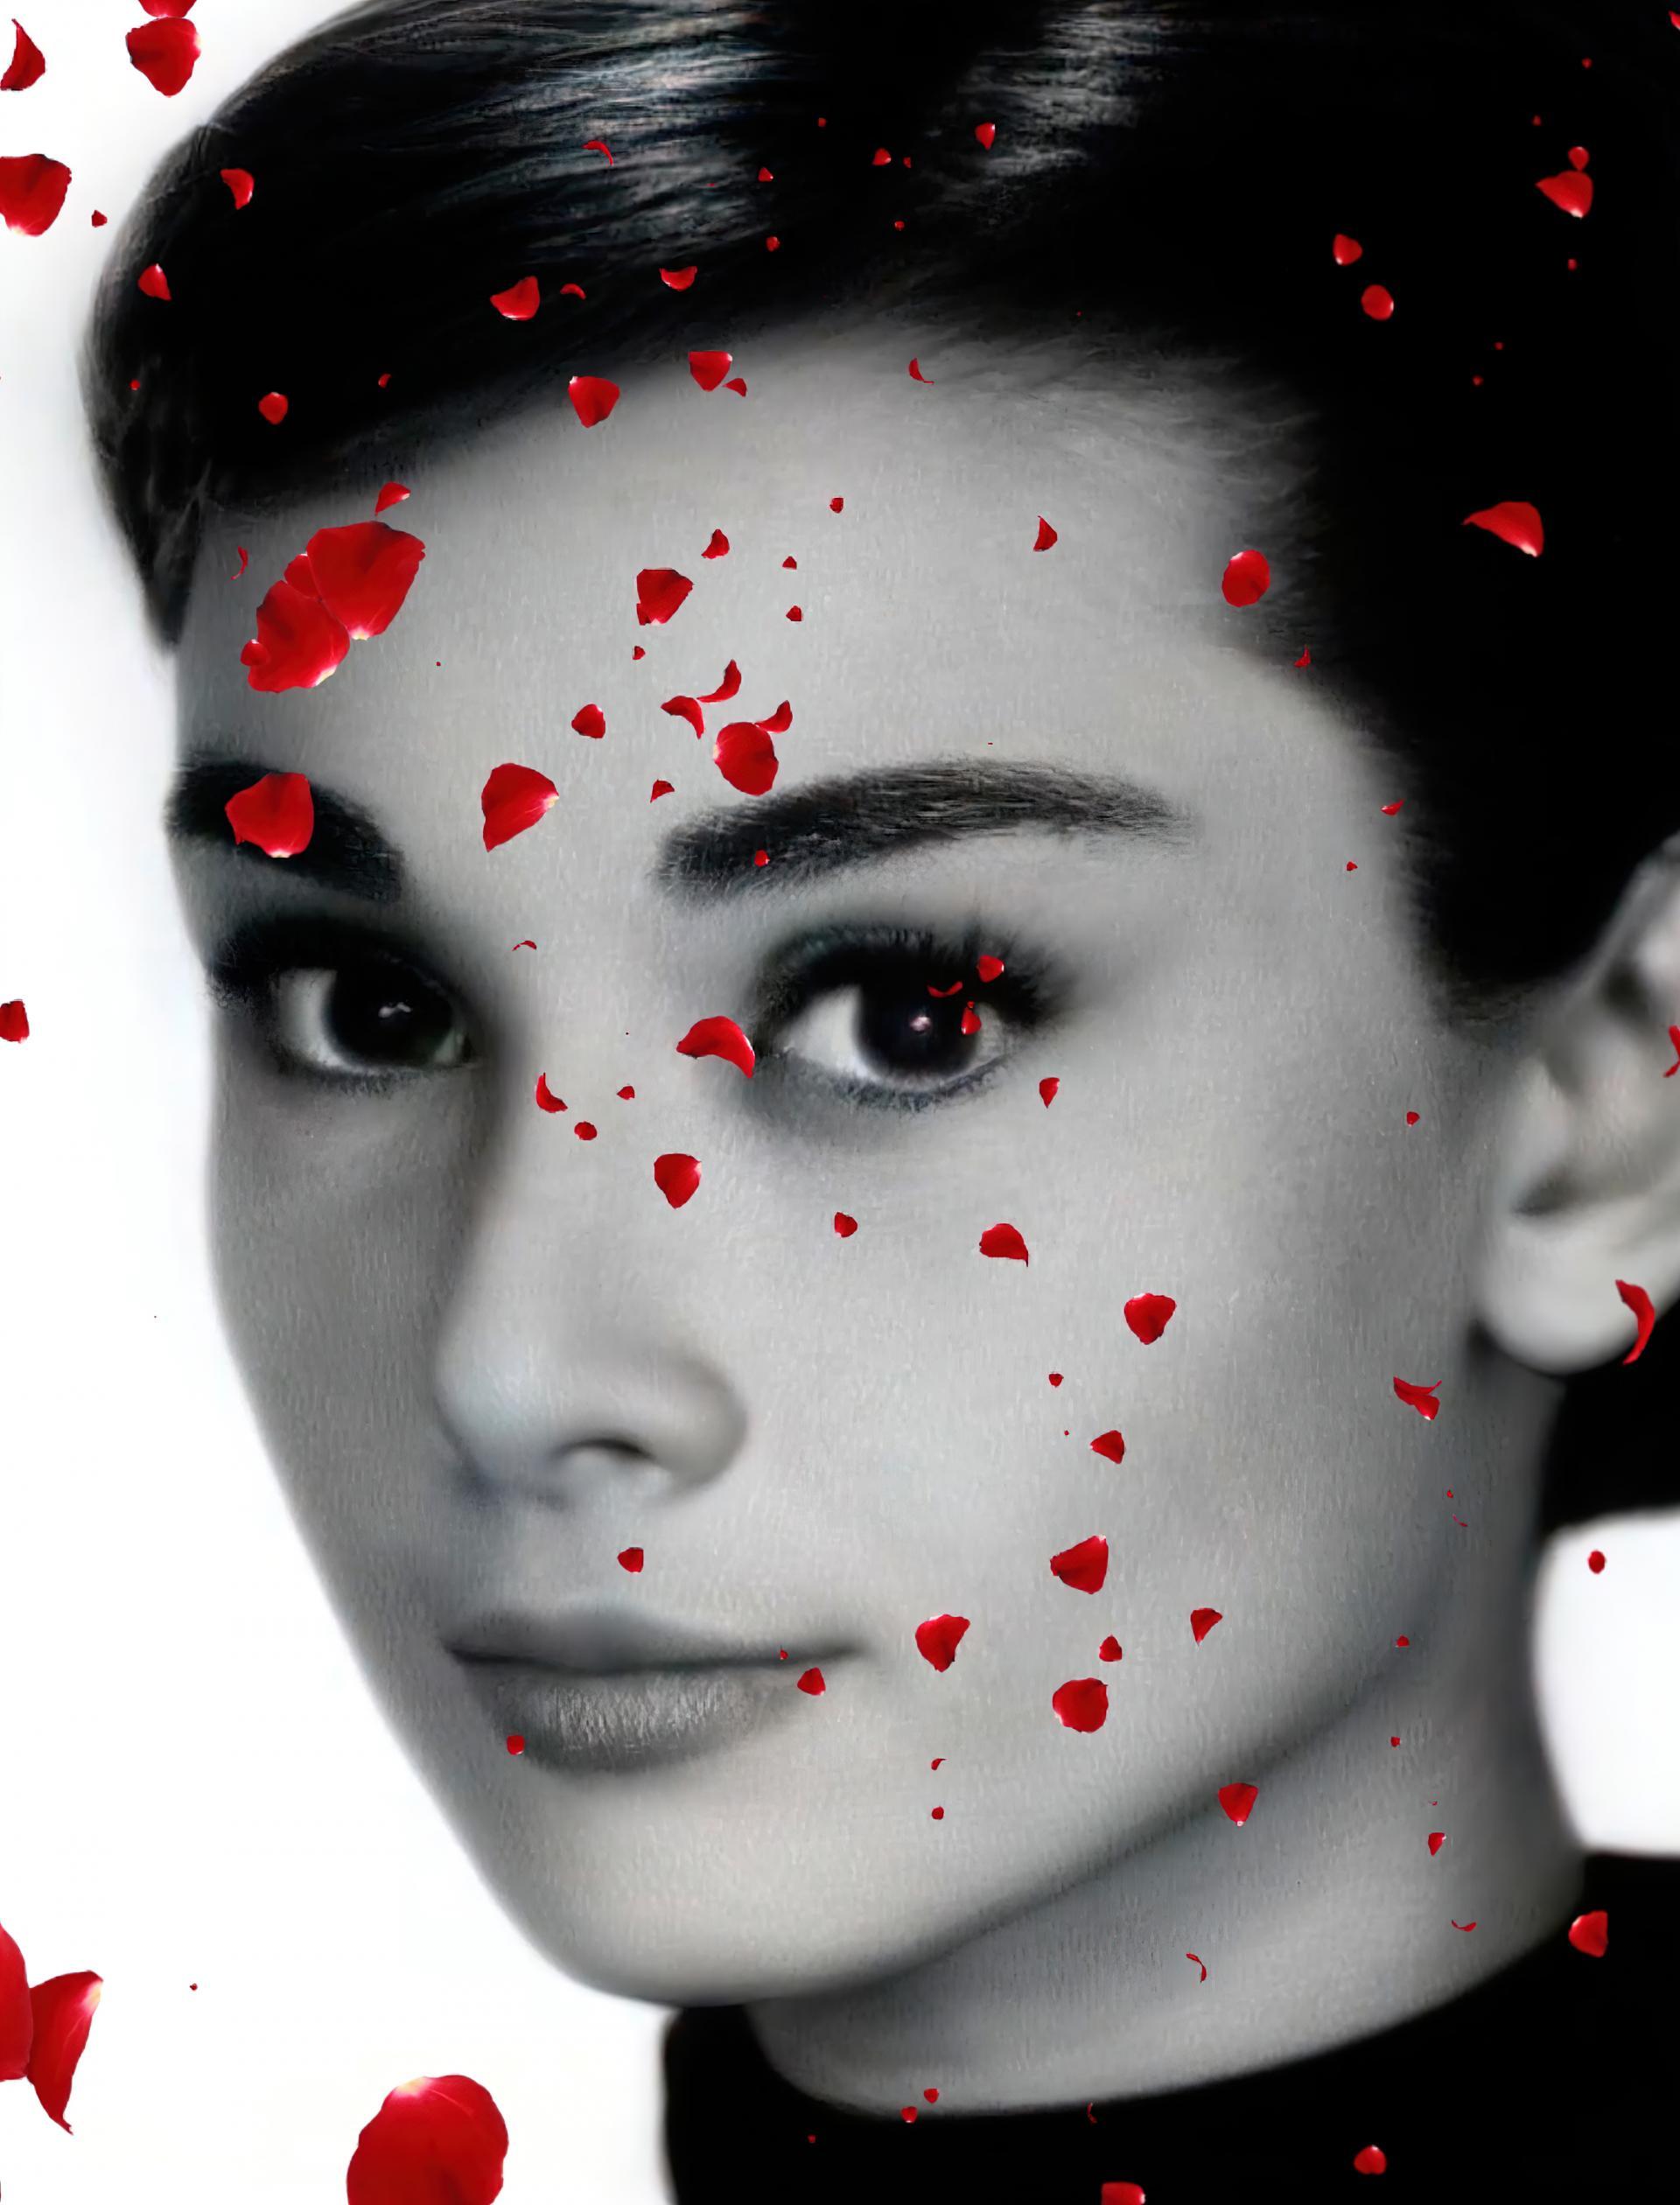 'Audrey's Eyes' by Gala Mirissa